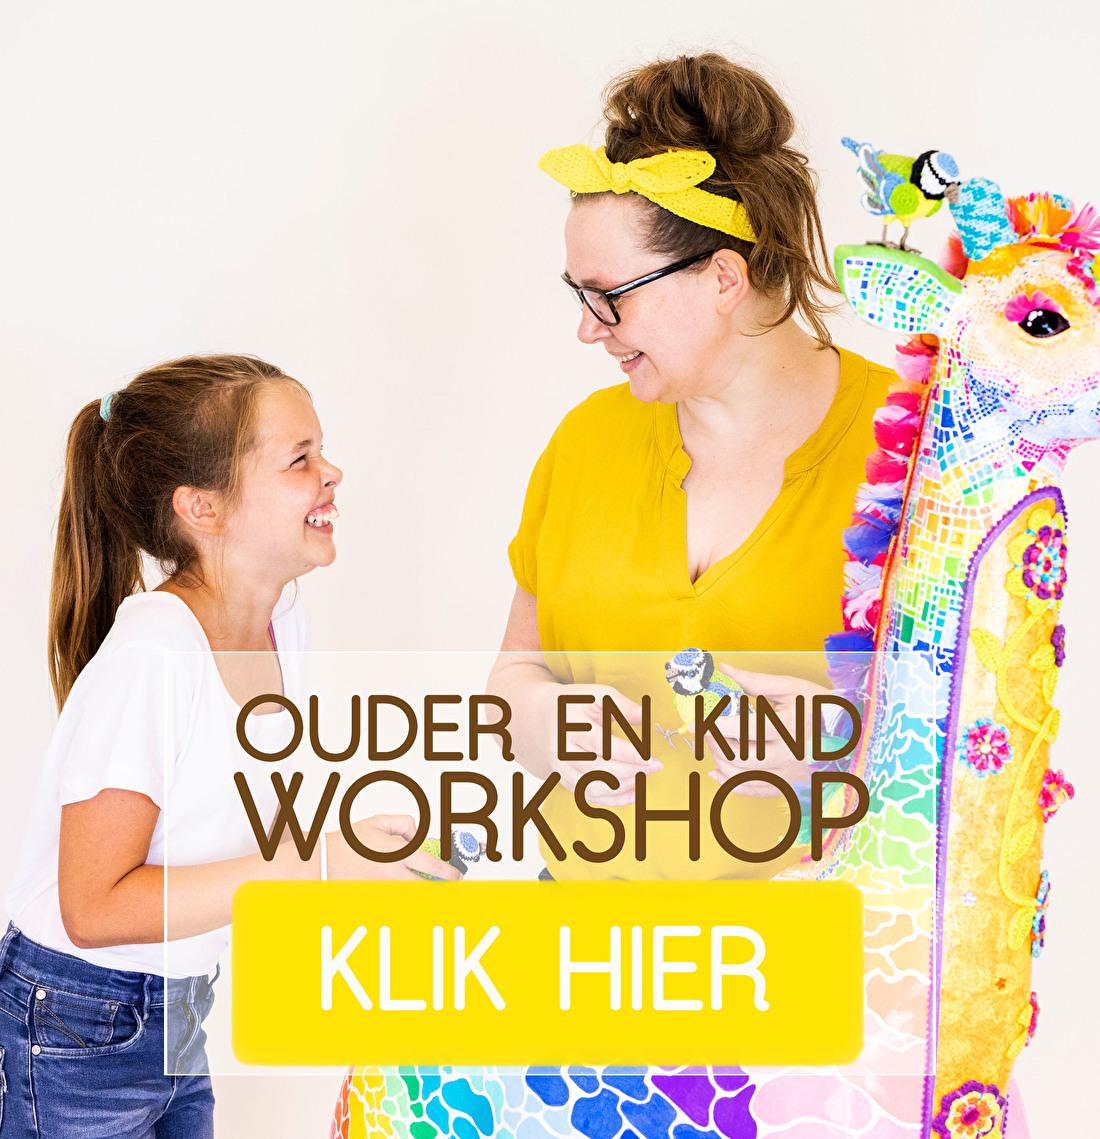 ouderkind-workshops-creatief-kinderen-knuselen-craftgarden